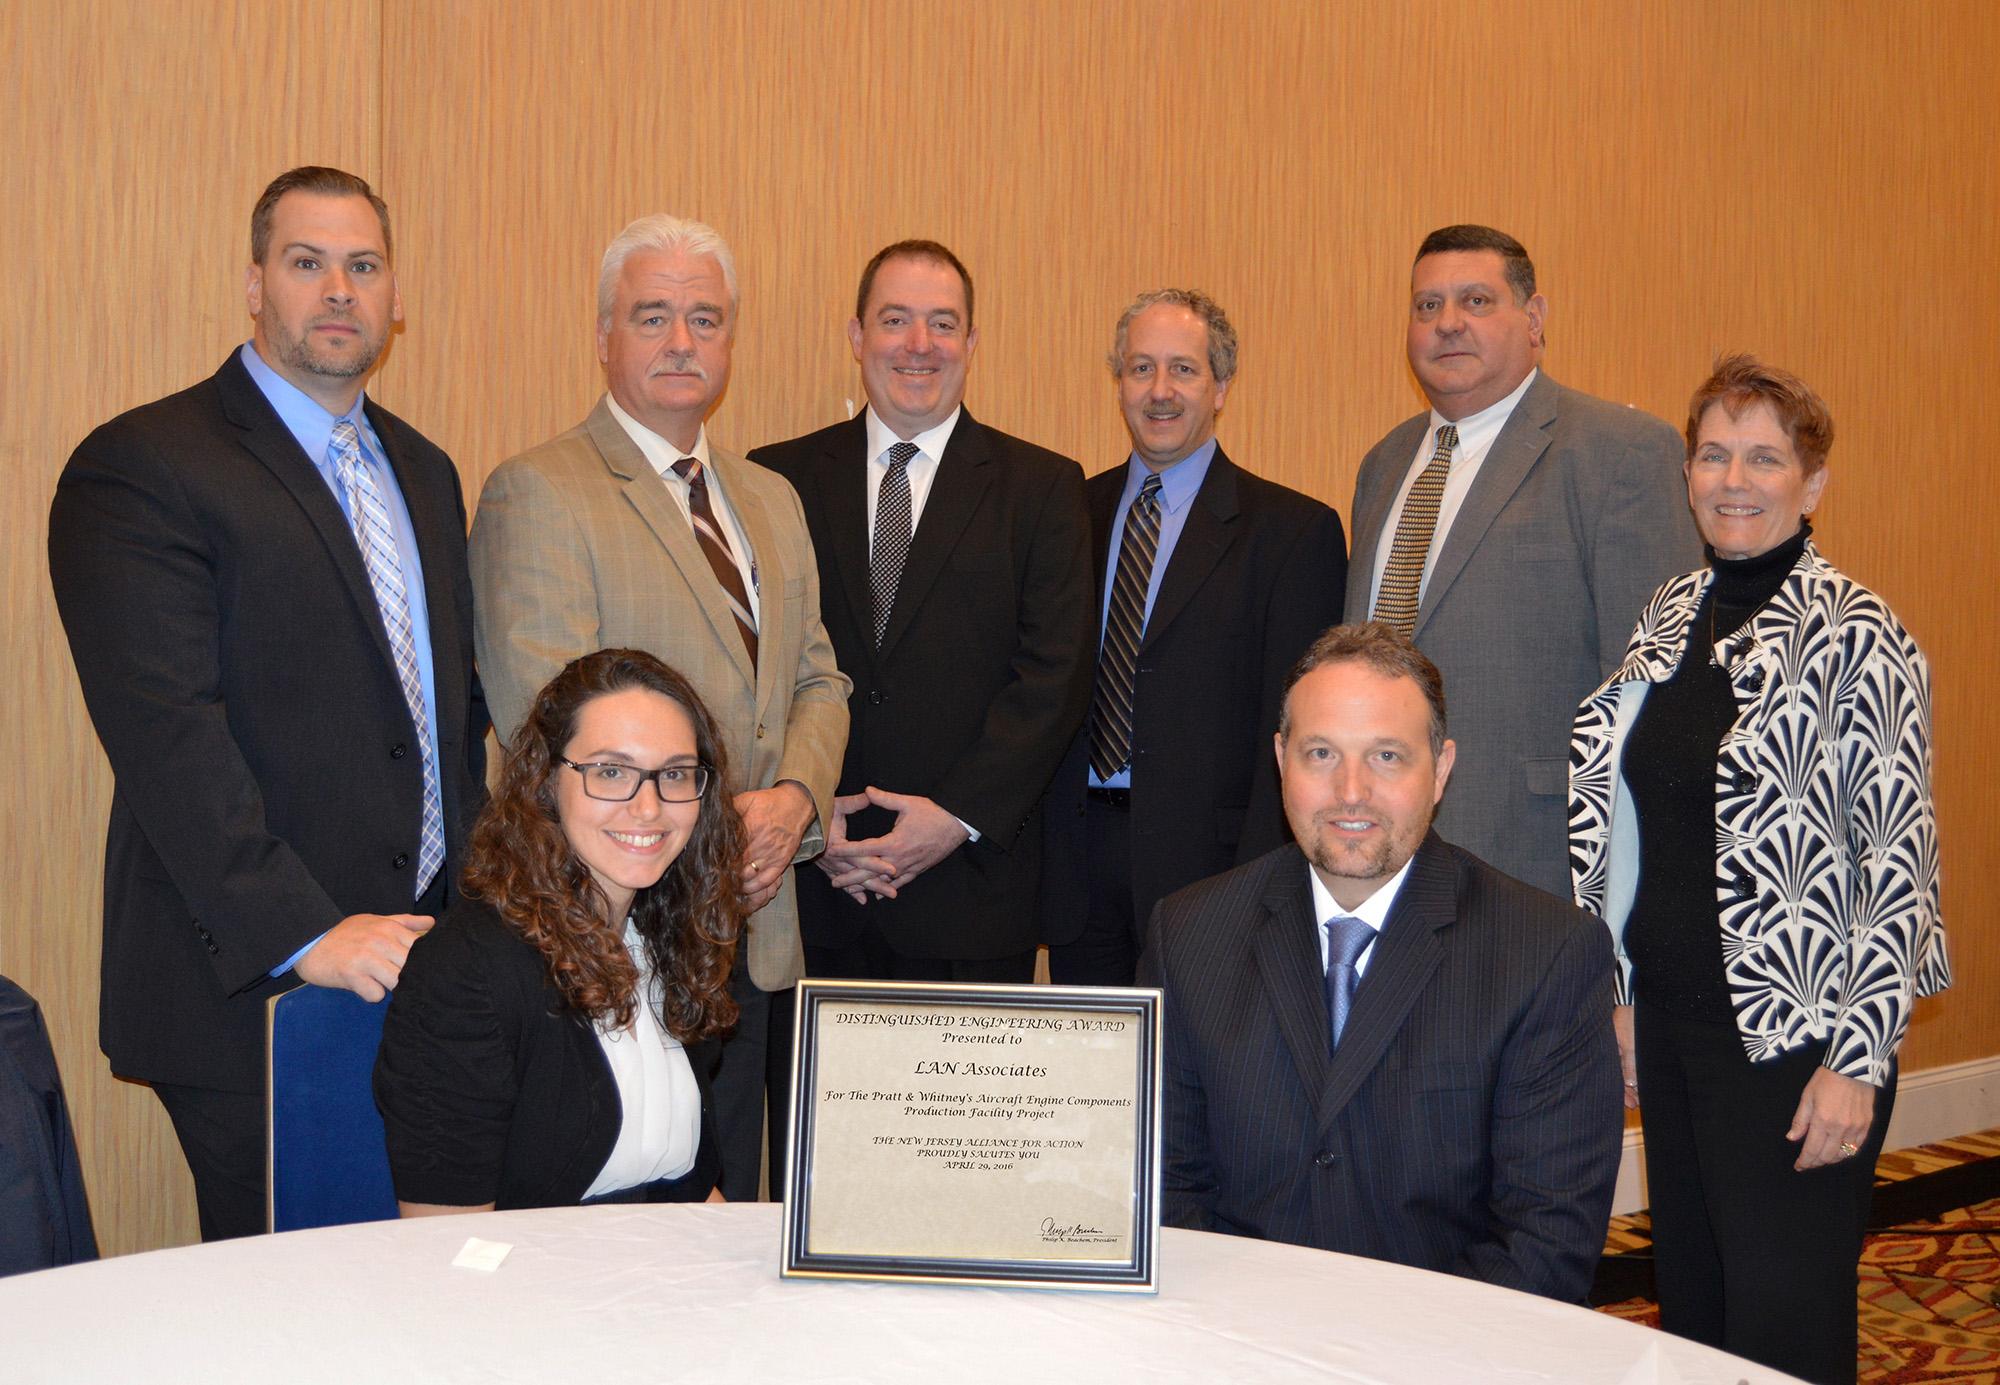 Pratt & Whitney Award Ceremony